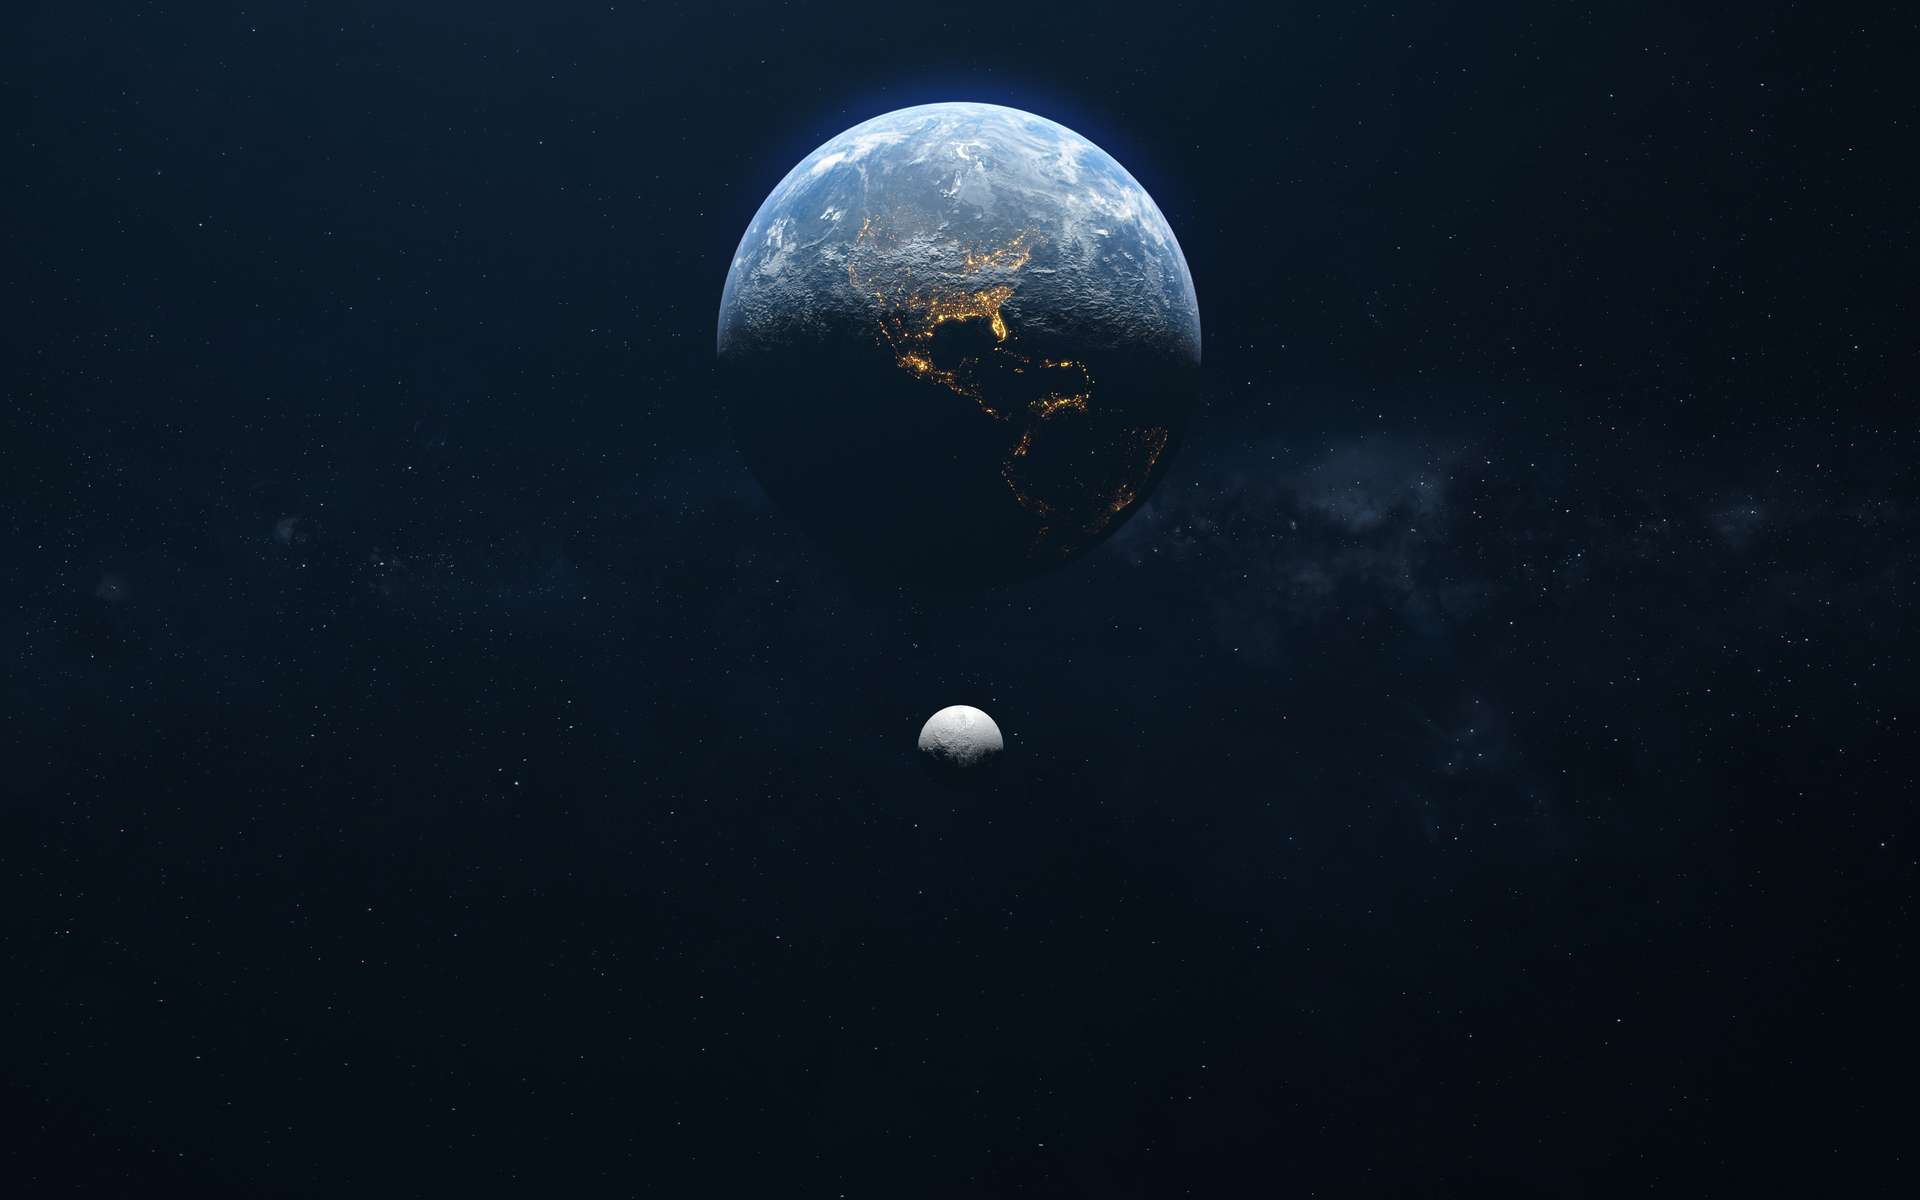 Selon James Benford, des lurkers extraterrestres se cacheraient au moins sur l'un des quasi-satellites de la Terre. Ils nous observeraient depuis longtemps, dans l'attente que nous soyons prêts à prendre contact. © brutto film, Adobe Stock